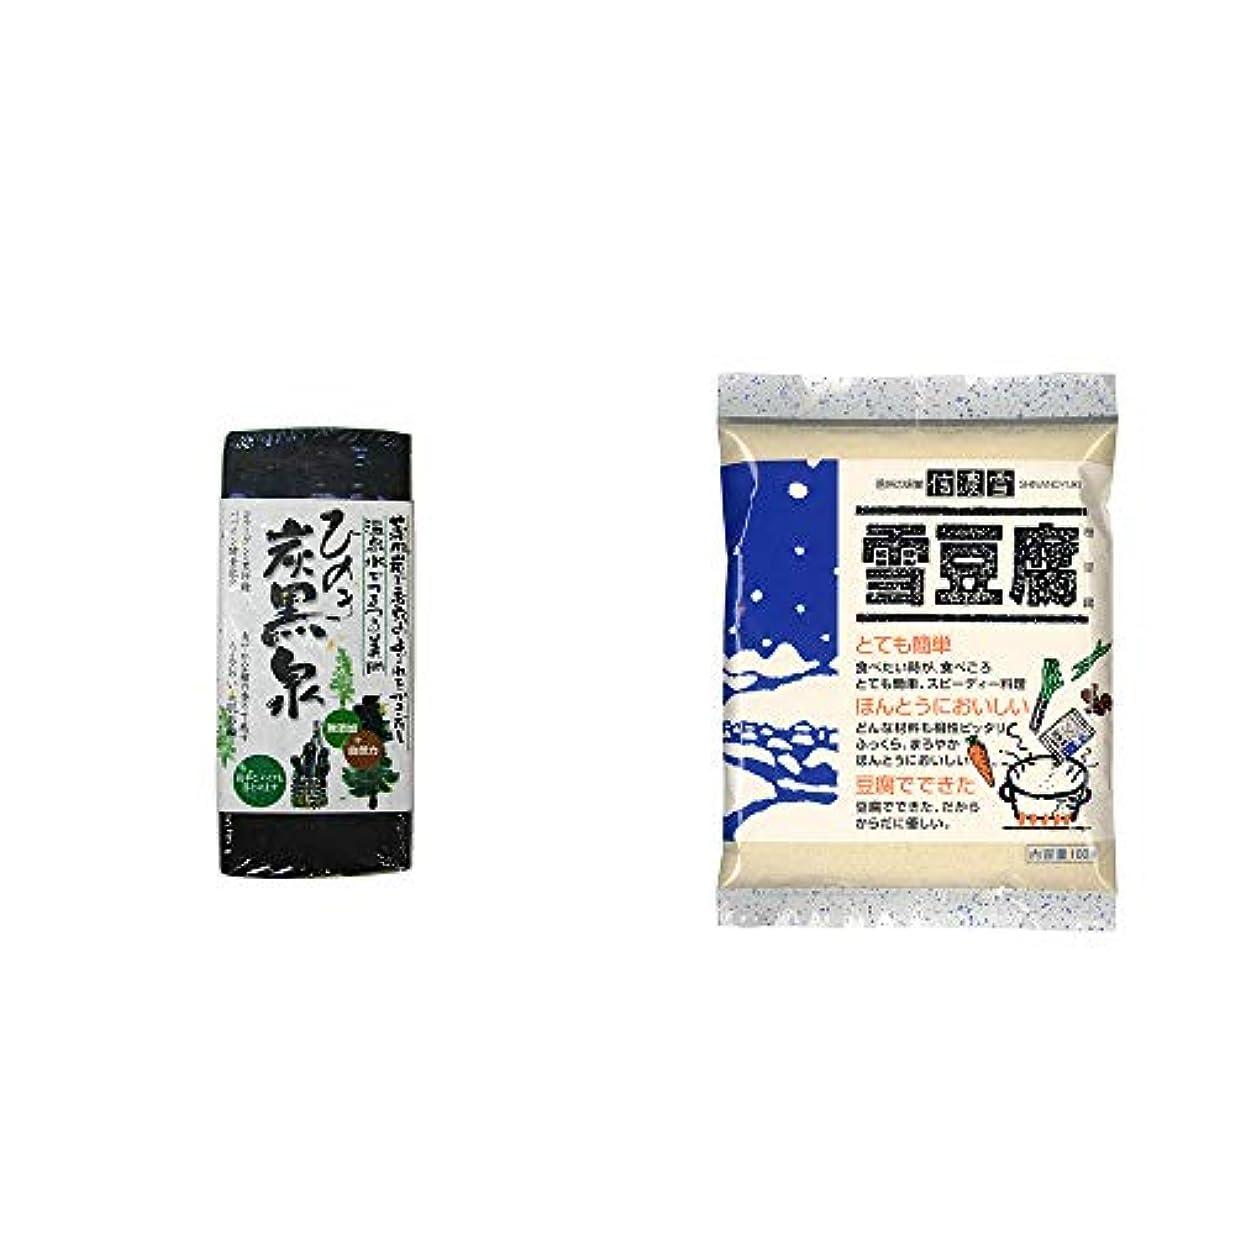 手ピアースかりて[2点セット] ひのき炭黒泉(75g×2)?信濃雪 雪豆腐(粉豆腐)(100g)